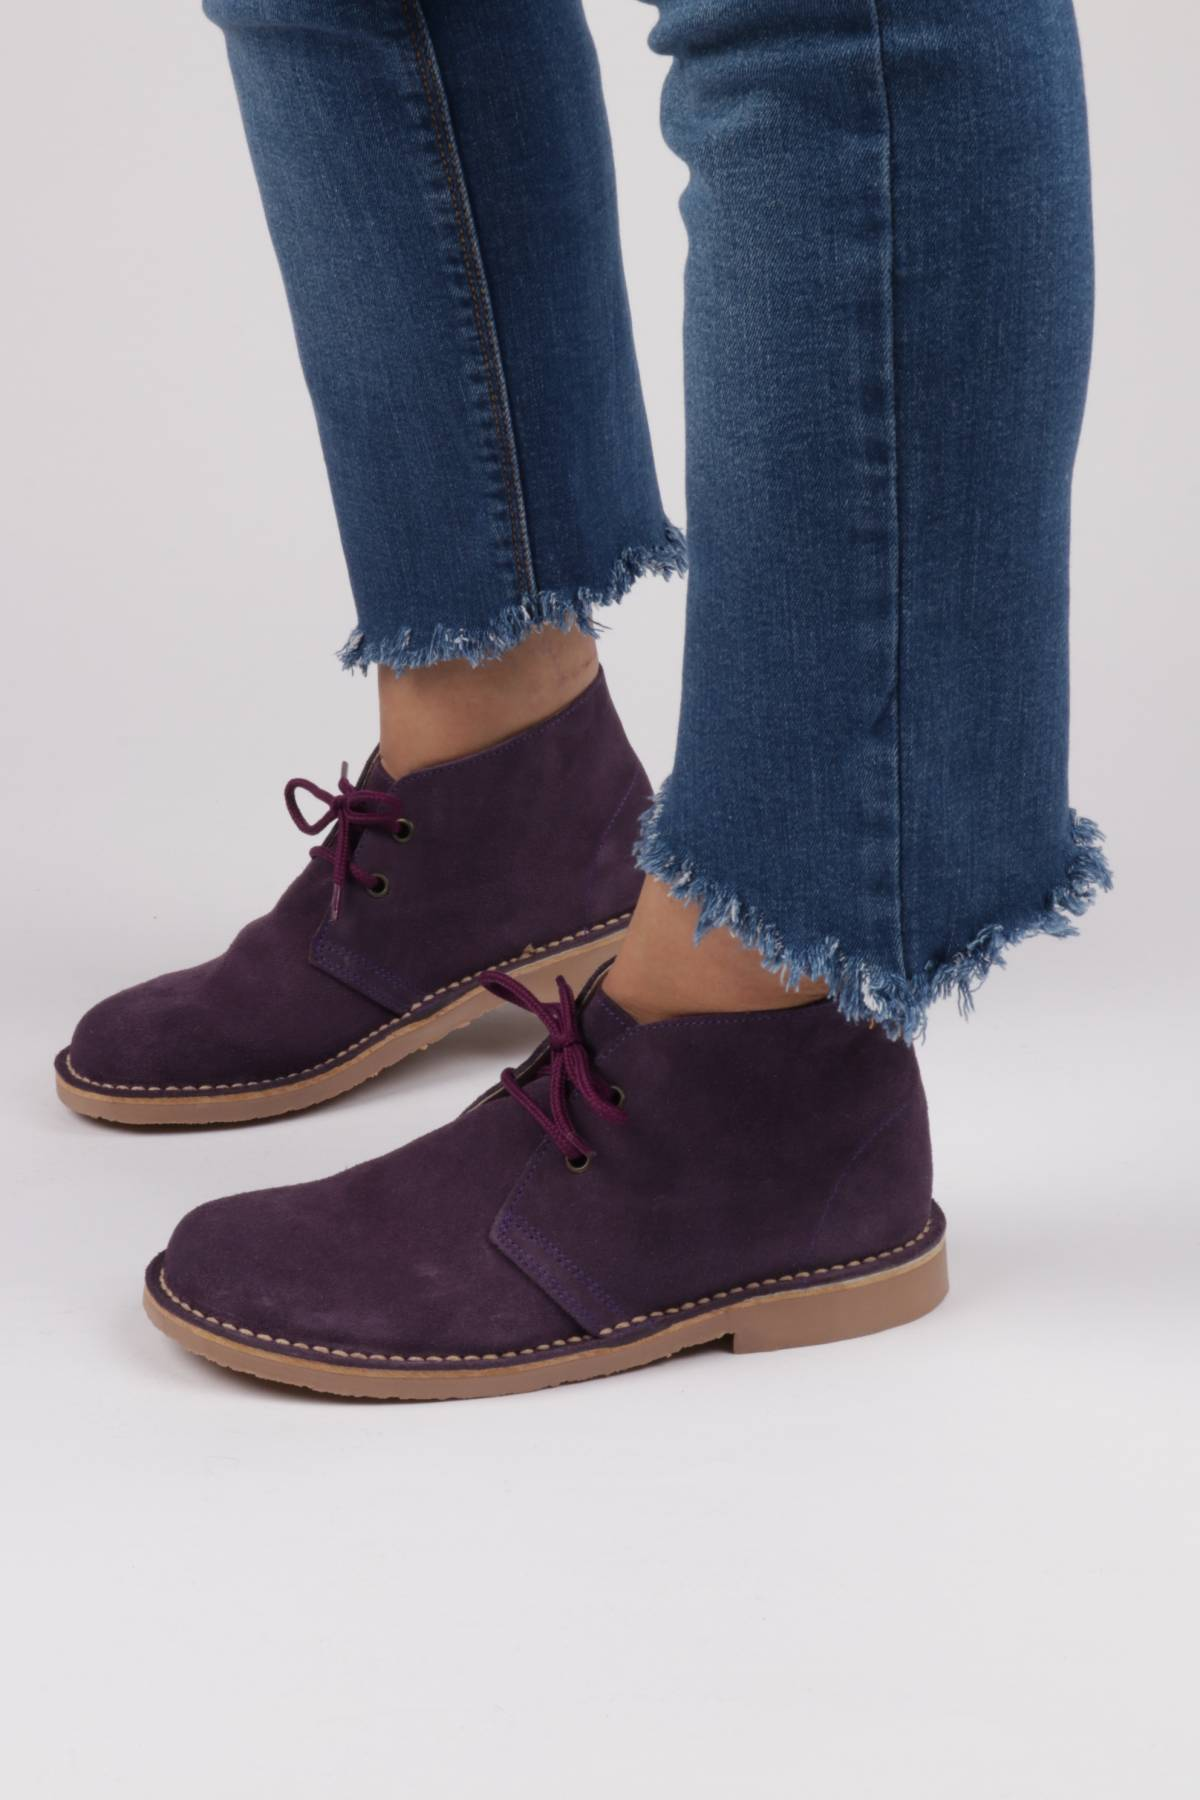 Desert boots in purple suede